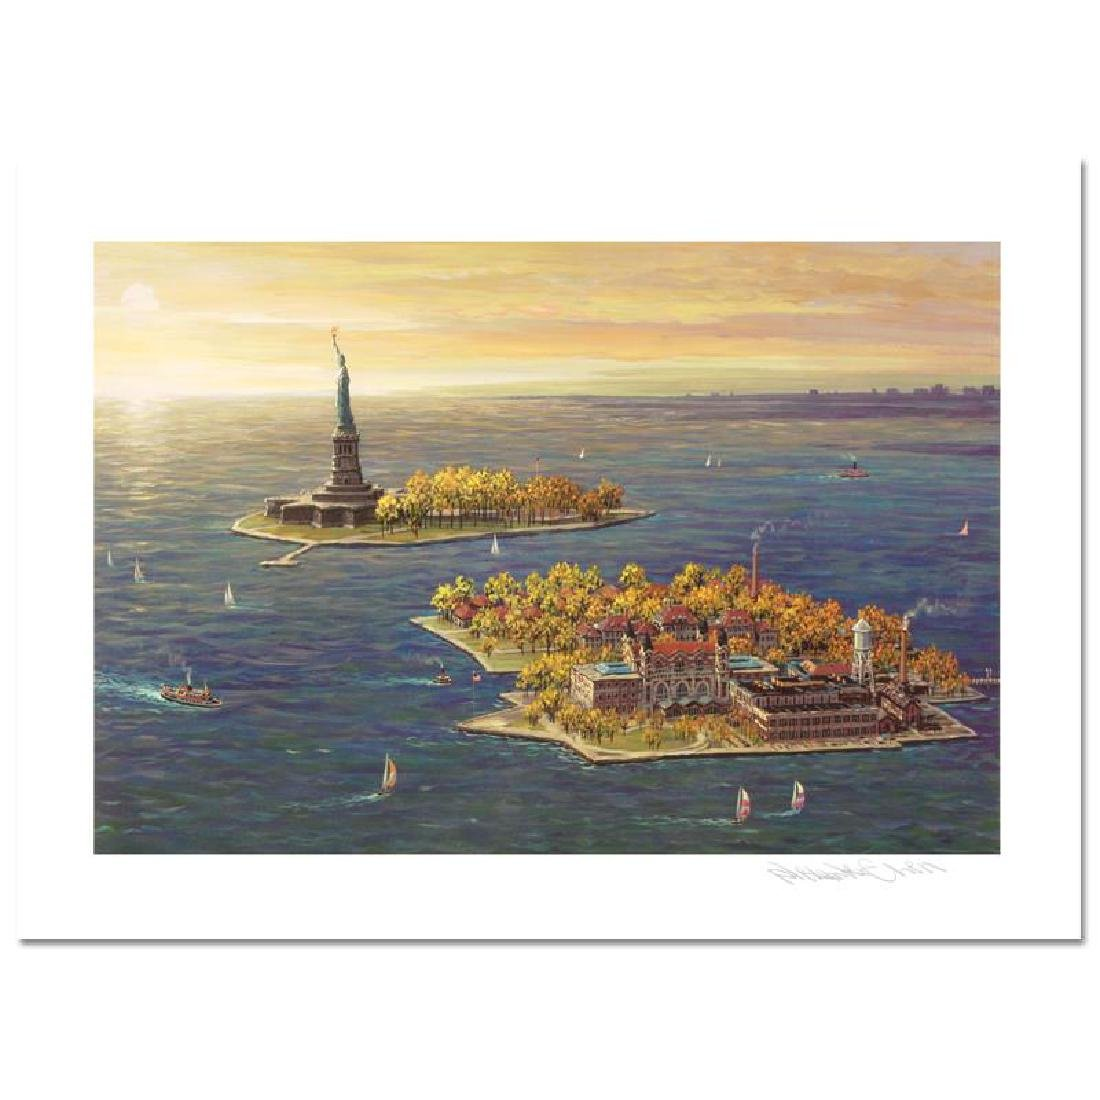 Ellis Island - Fall by Chen, Alexander